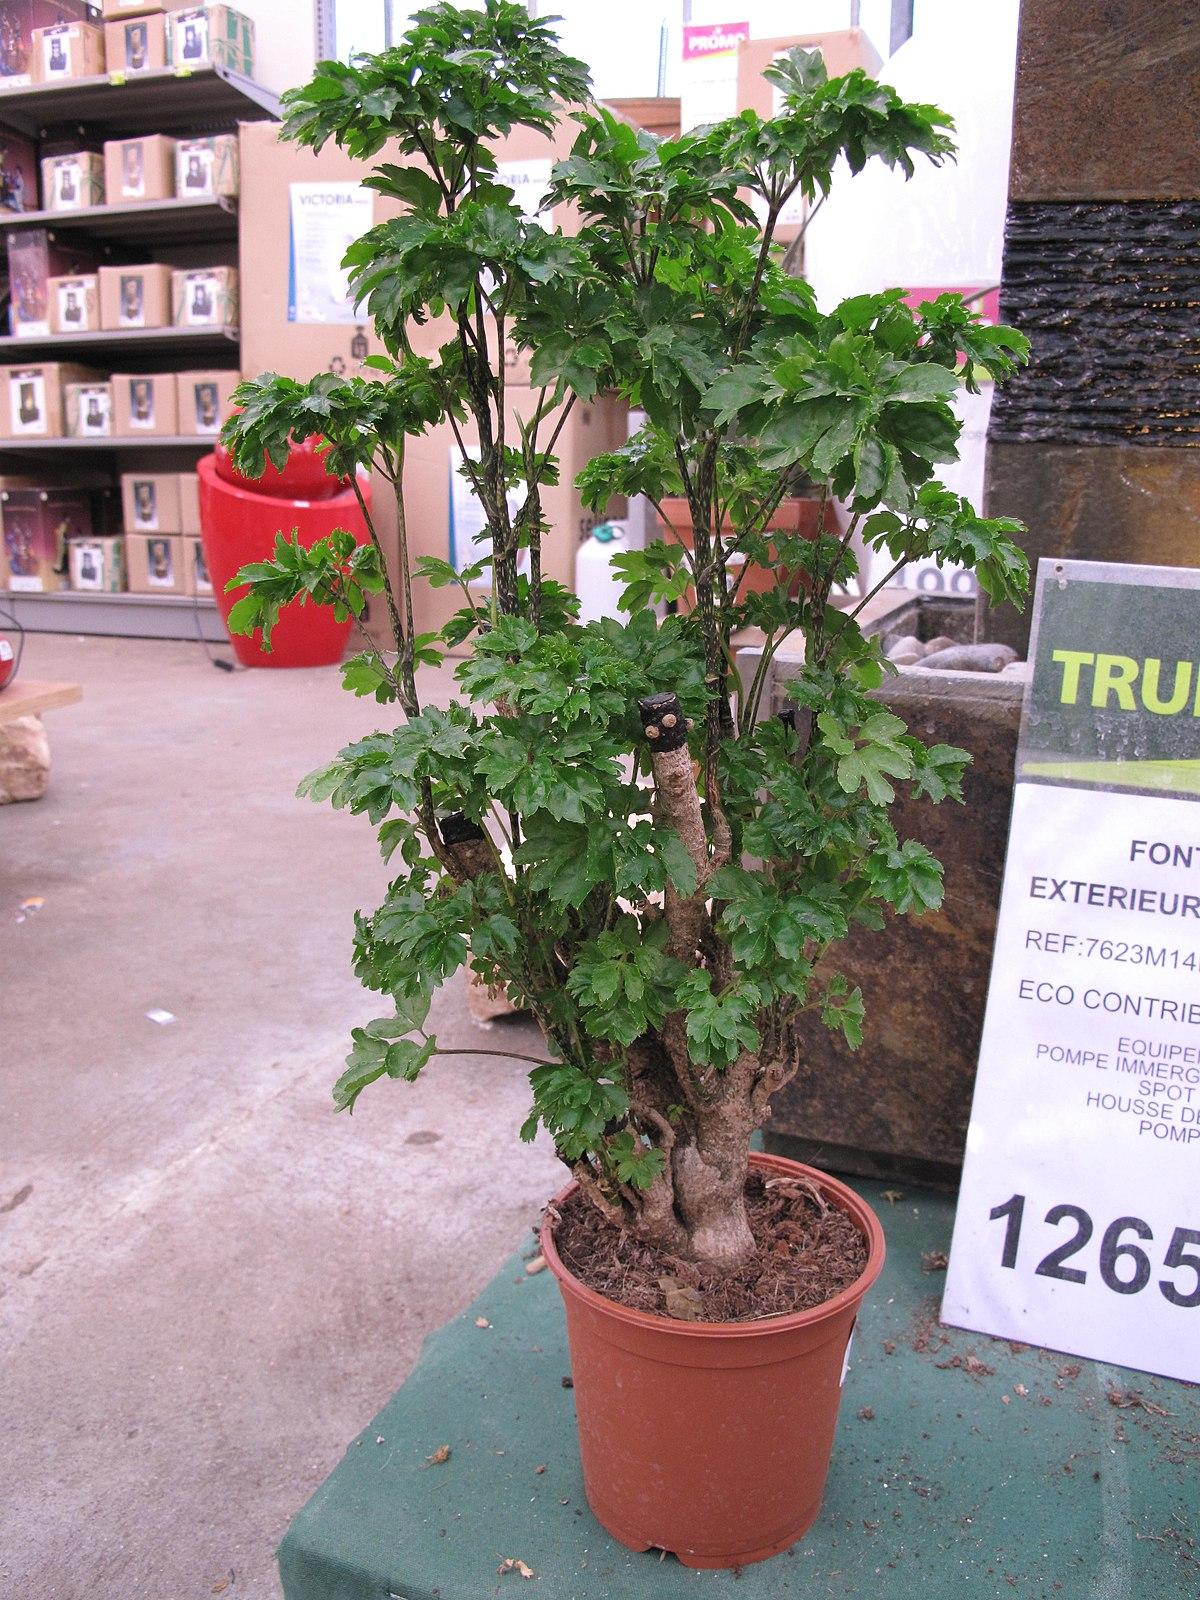 Мирт домашнее дерево купить в интернетмагазине Мандарин